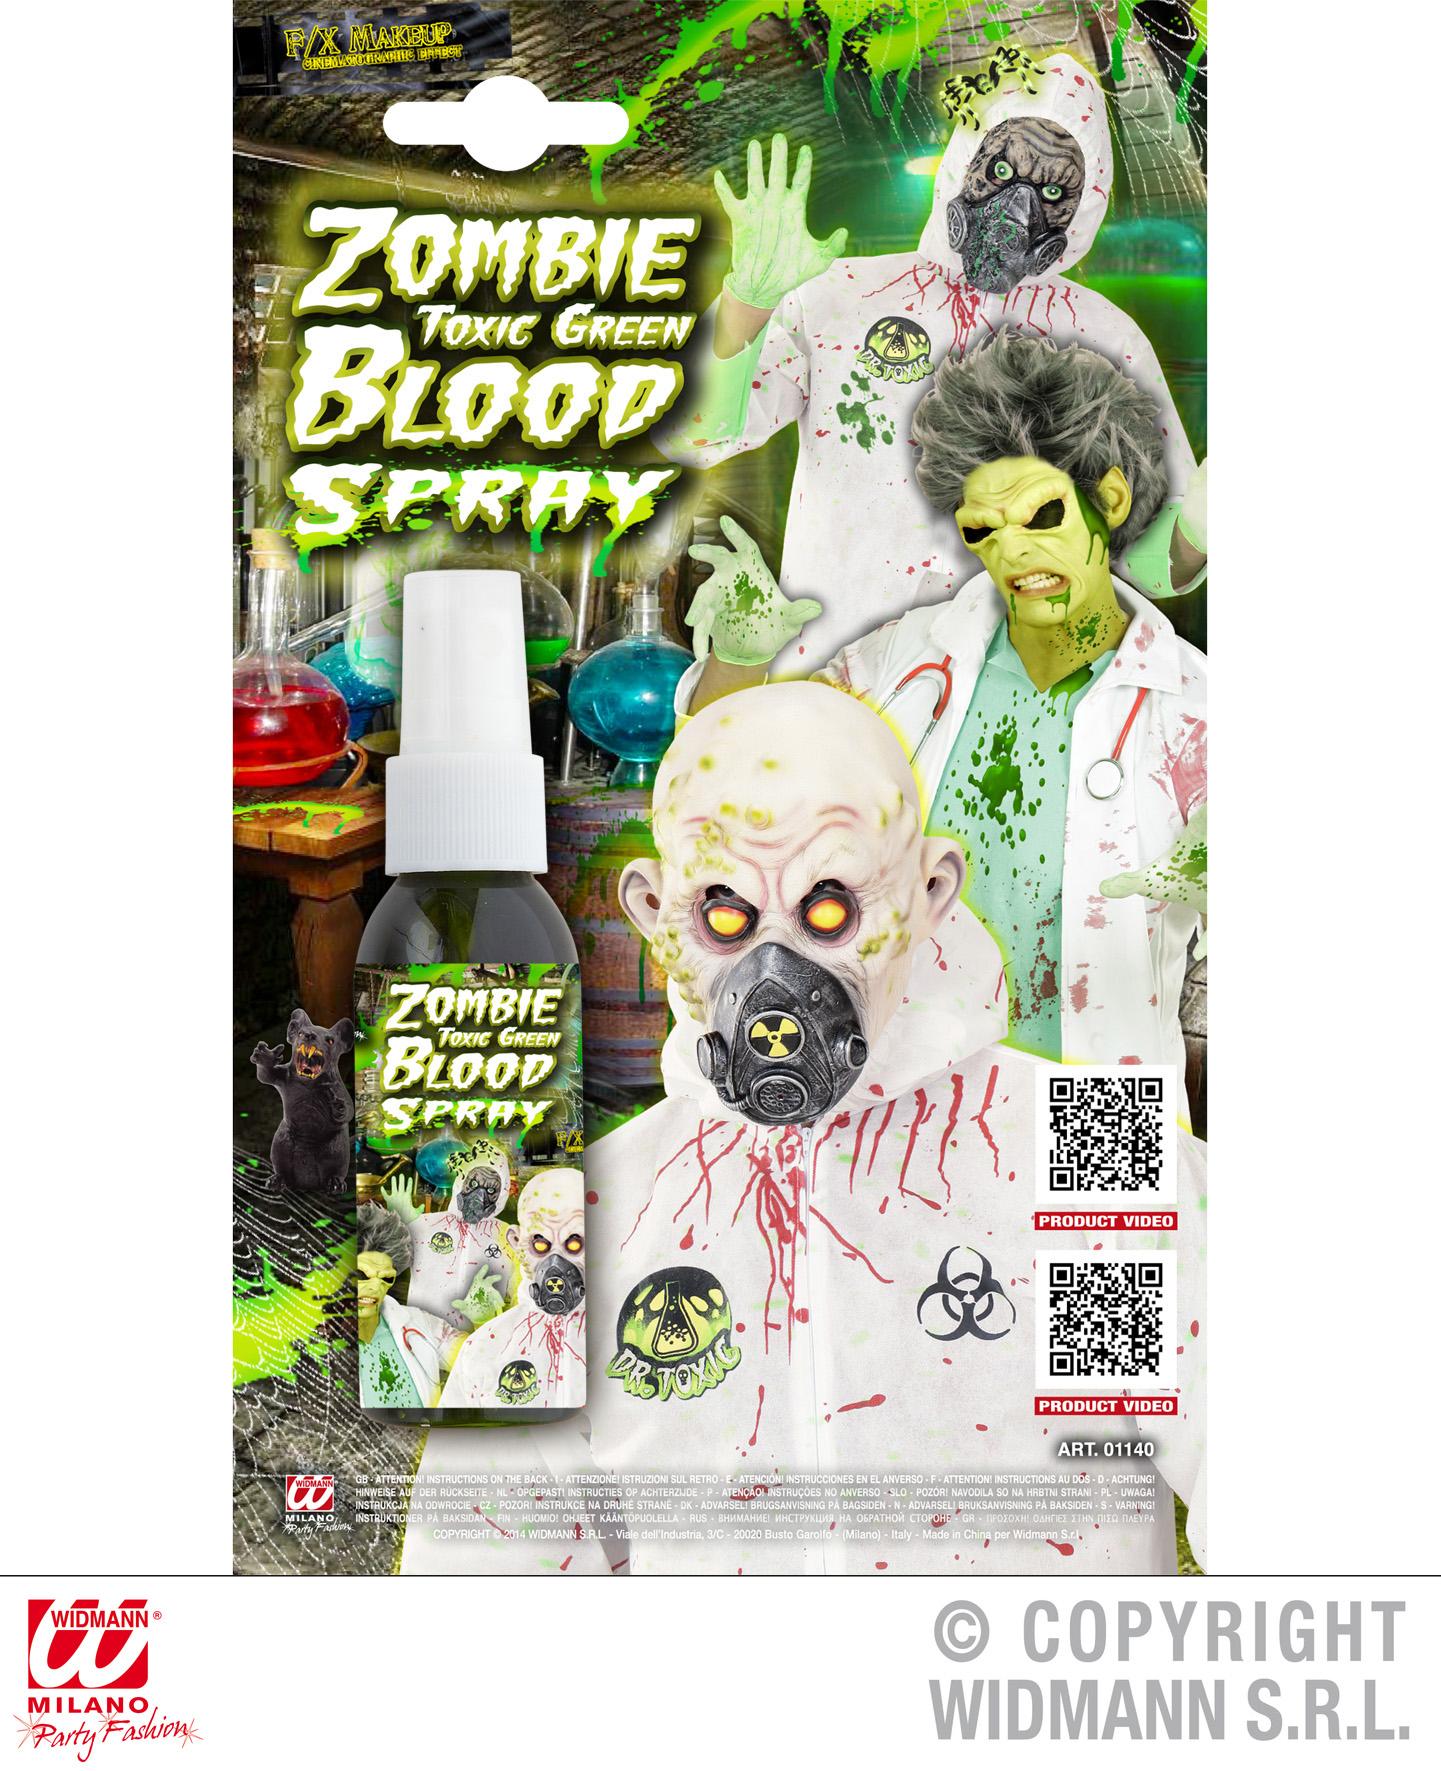 Grünes toxisches Zombieblut SPRAY Theaterblut, Blut Flasche HALLOWEEN